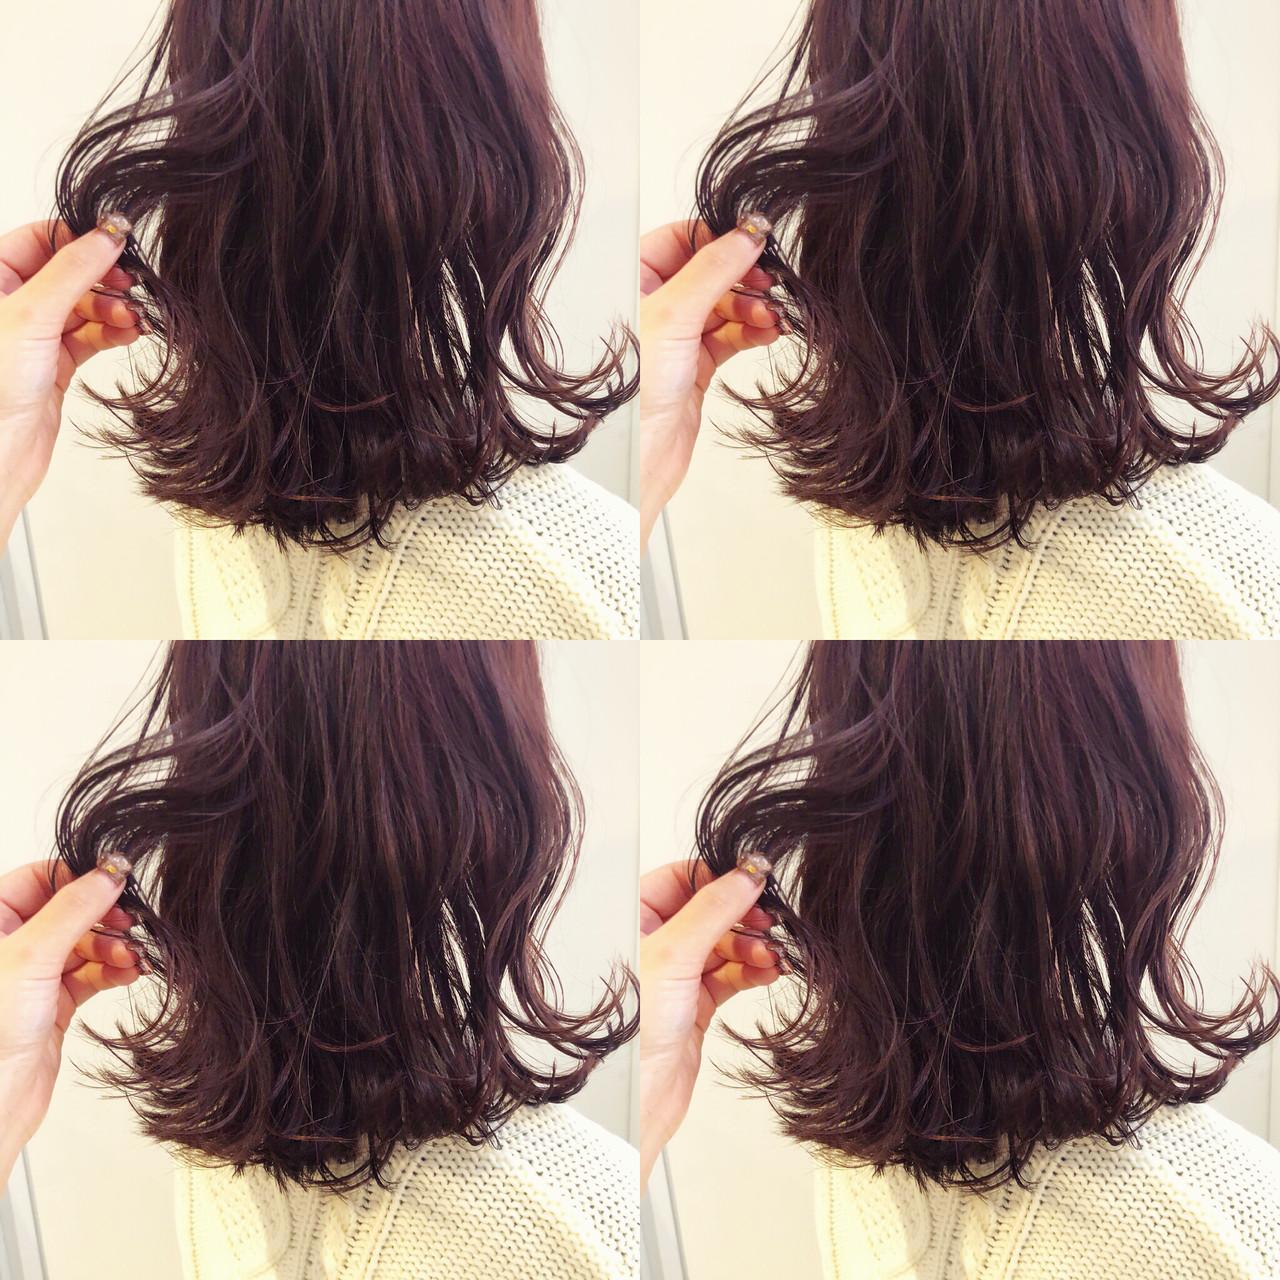 アンニュイほつれヘア ヘアアレンジ ナチュラル デート ヘアスタイルや髪型の写真・画像 | 犬島麻姫子 / fosta